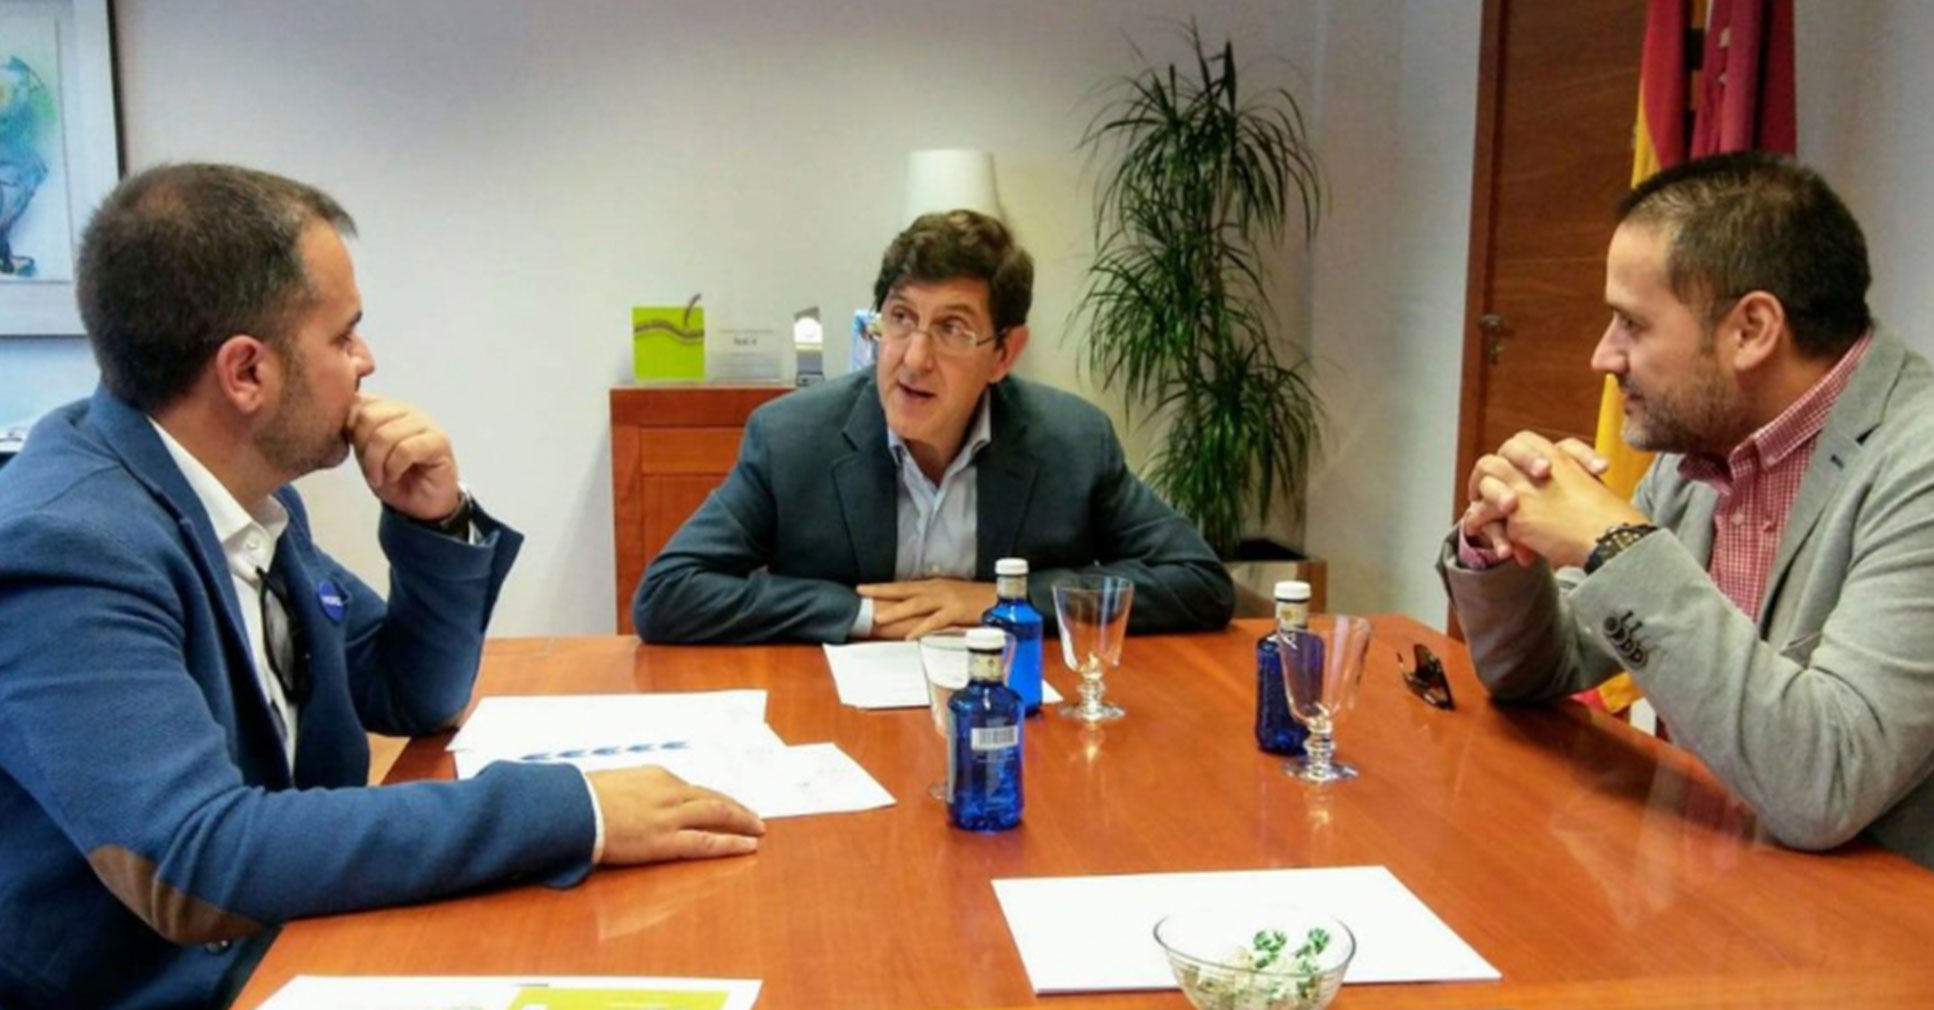 Noticia: Consejero de Salud de la Región de Murcia